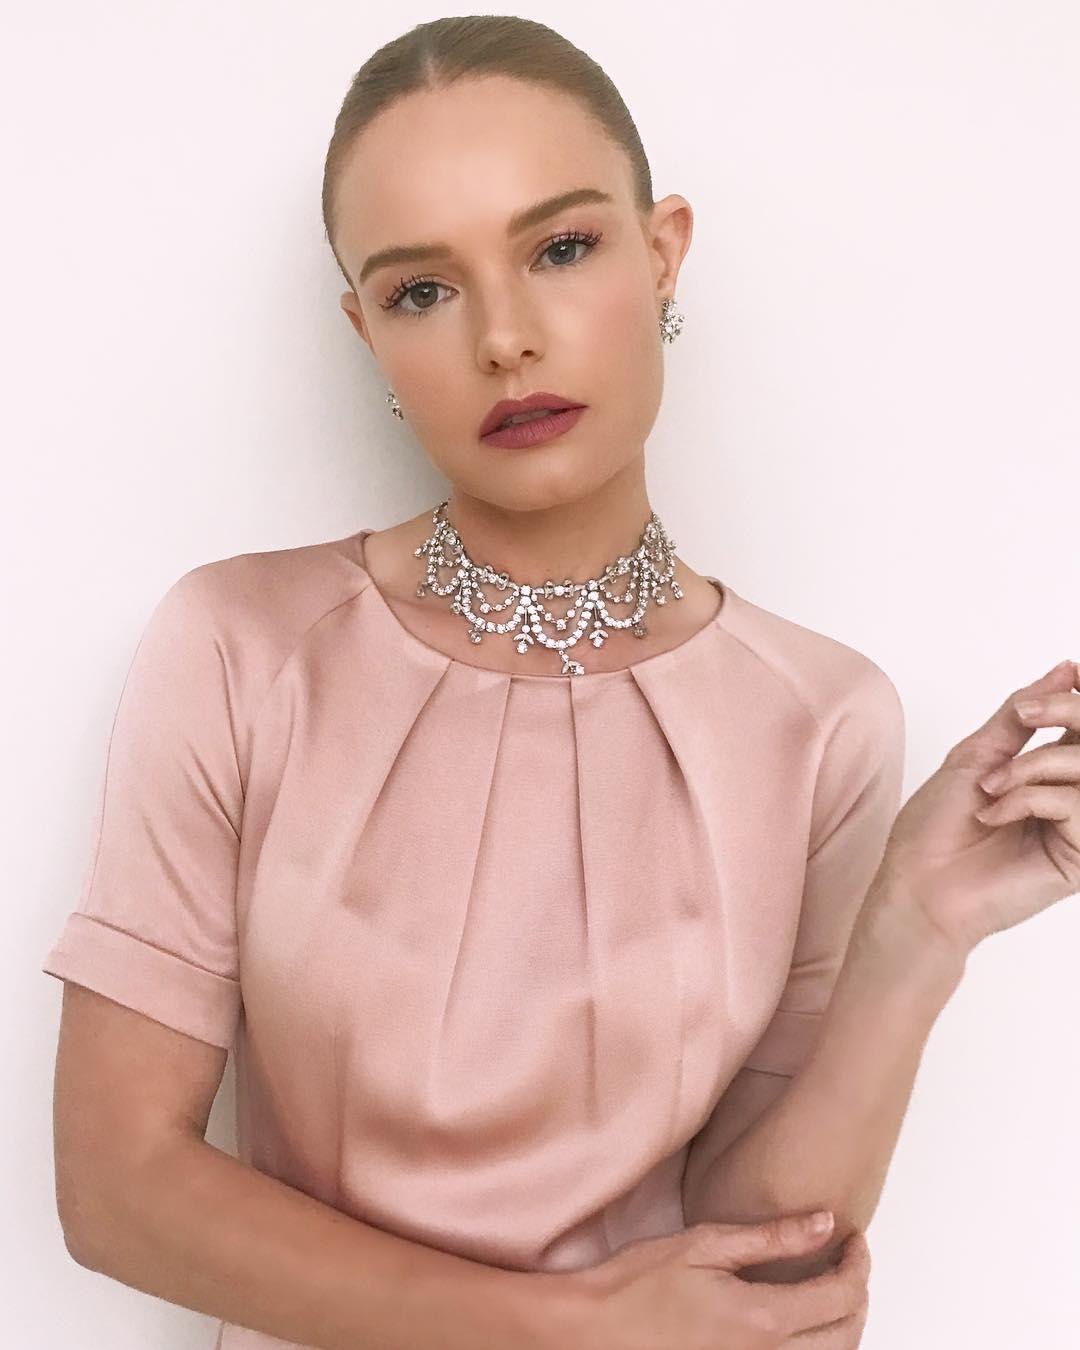 Кейт Босуорт: Close     @katesynnottmakeup     @bridgetbragerhair  ?    @beladorajewelry   #aboutlastnight